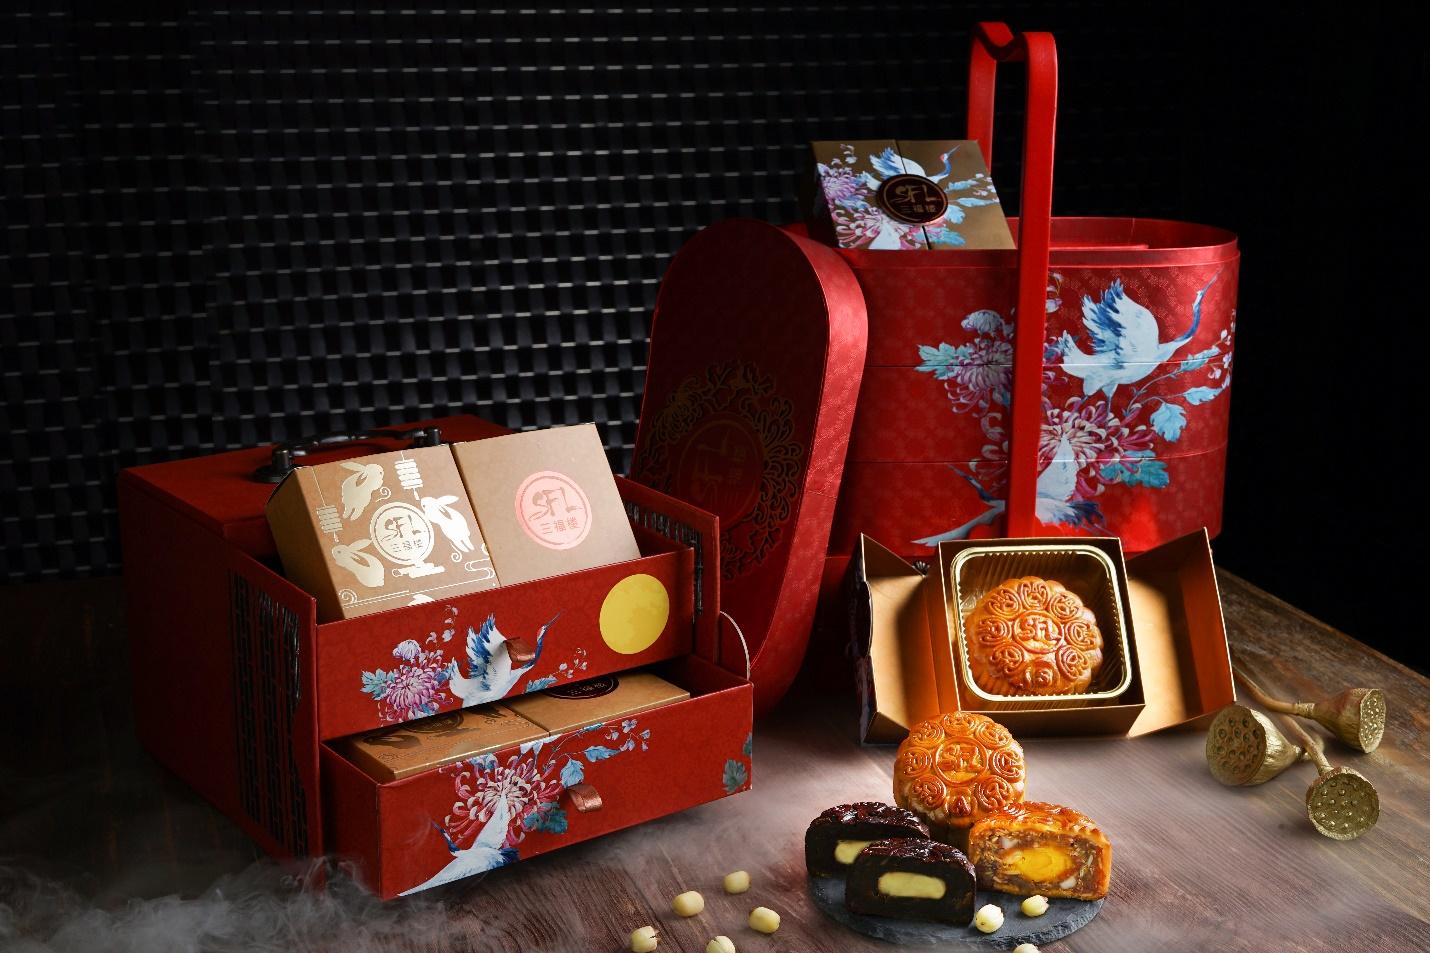 Đâu là tiêu chí để chọn được 1 hộp bánh Trung thu hoàn hảo làm quà? - Ảnh 1.